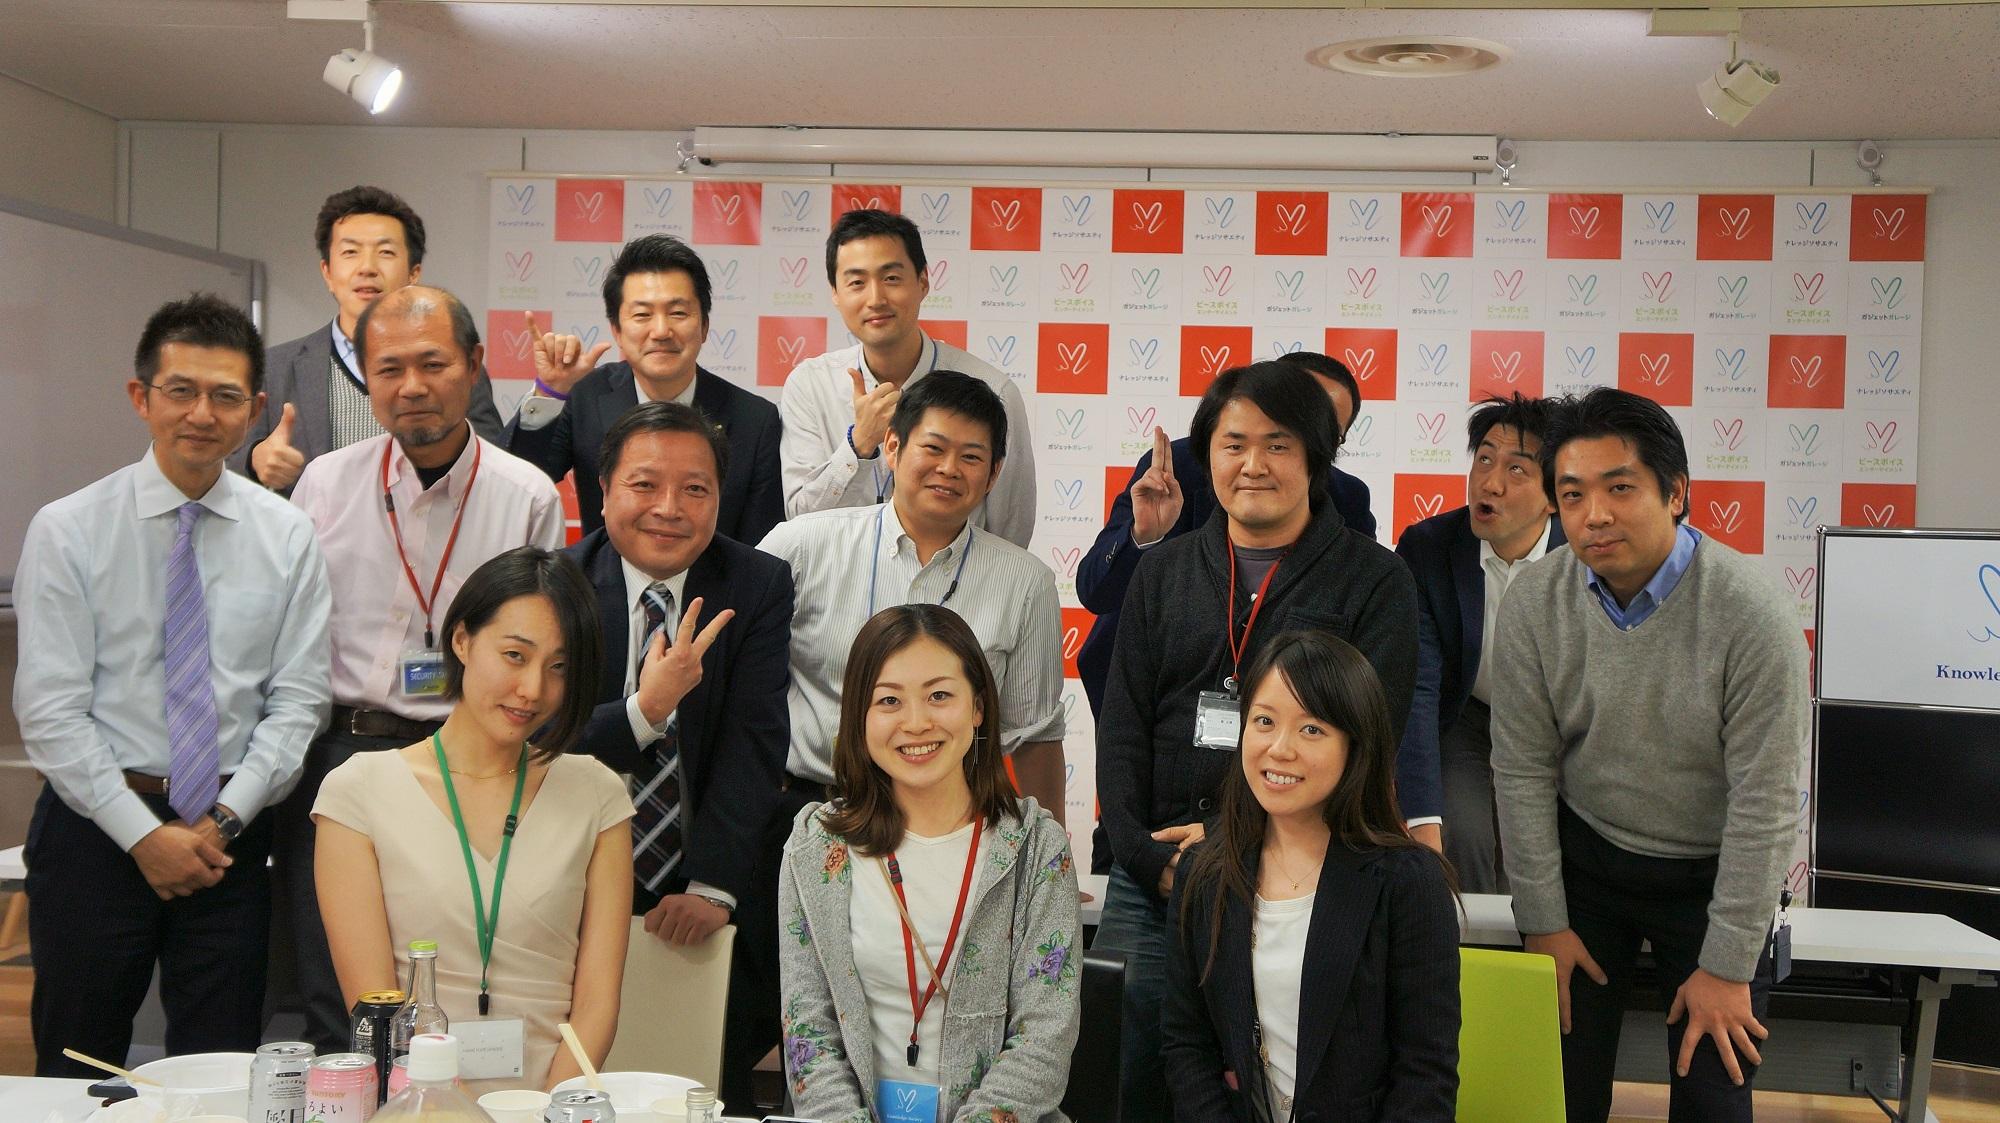 東京のコワーキングスペースで開催する交流会